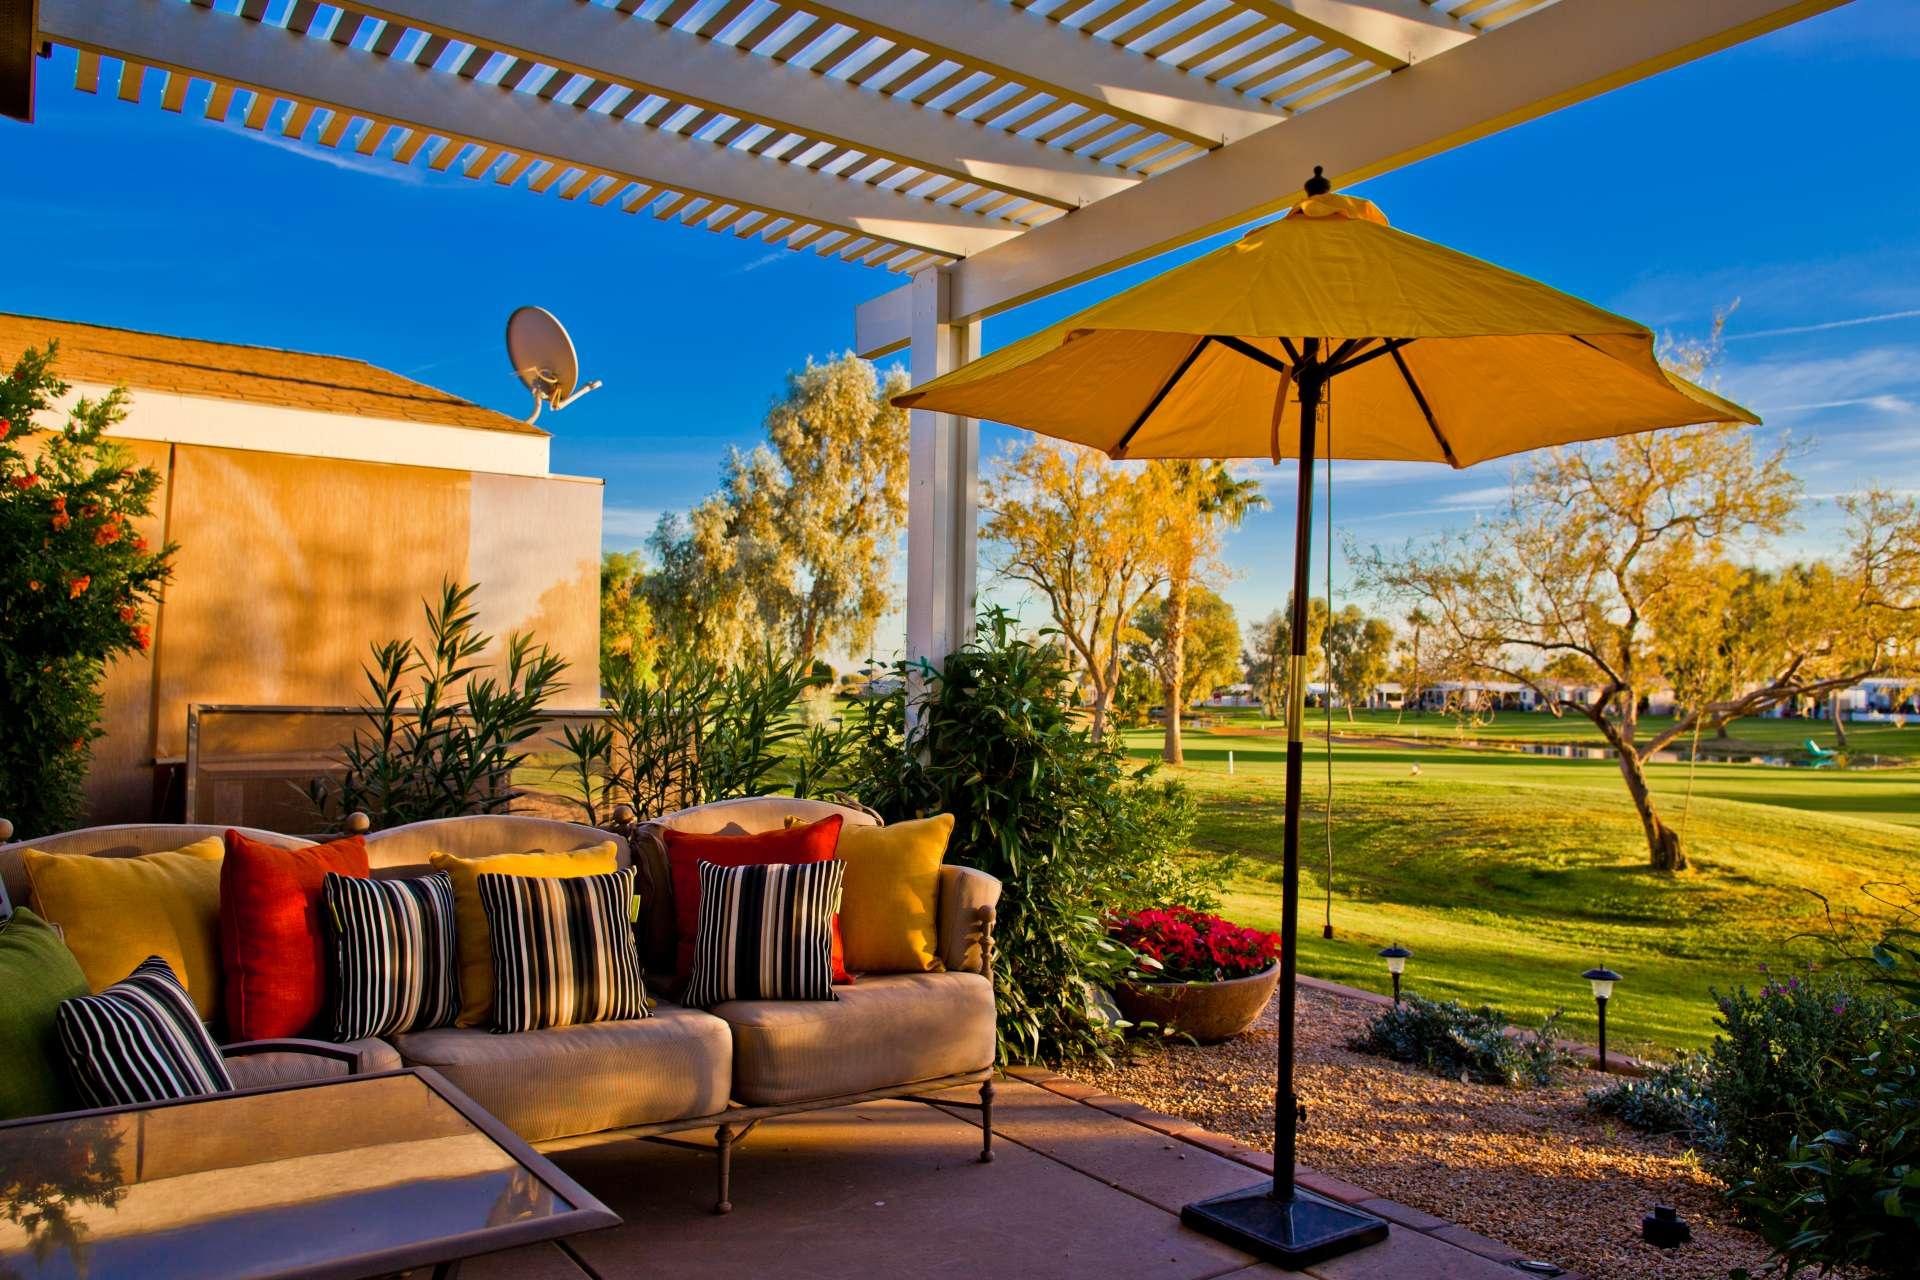 Pueblo El Mirage Outdoor Seating